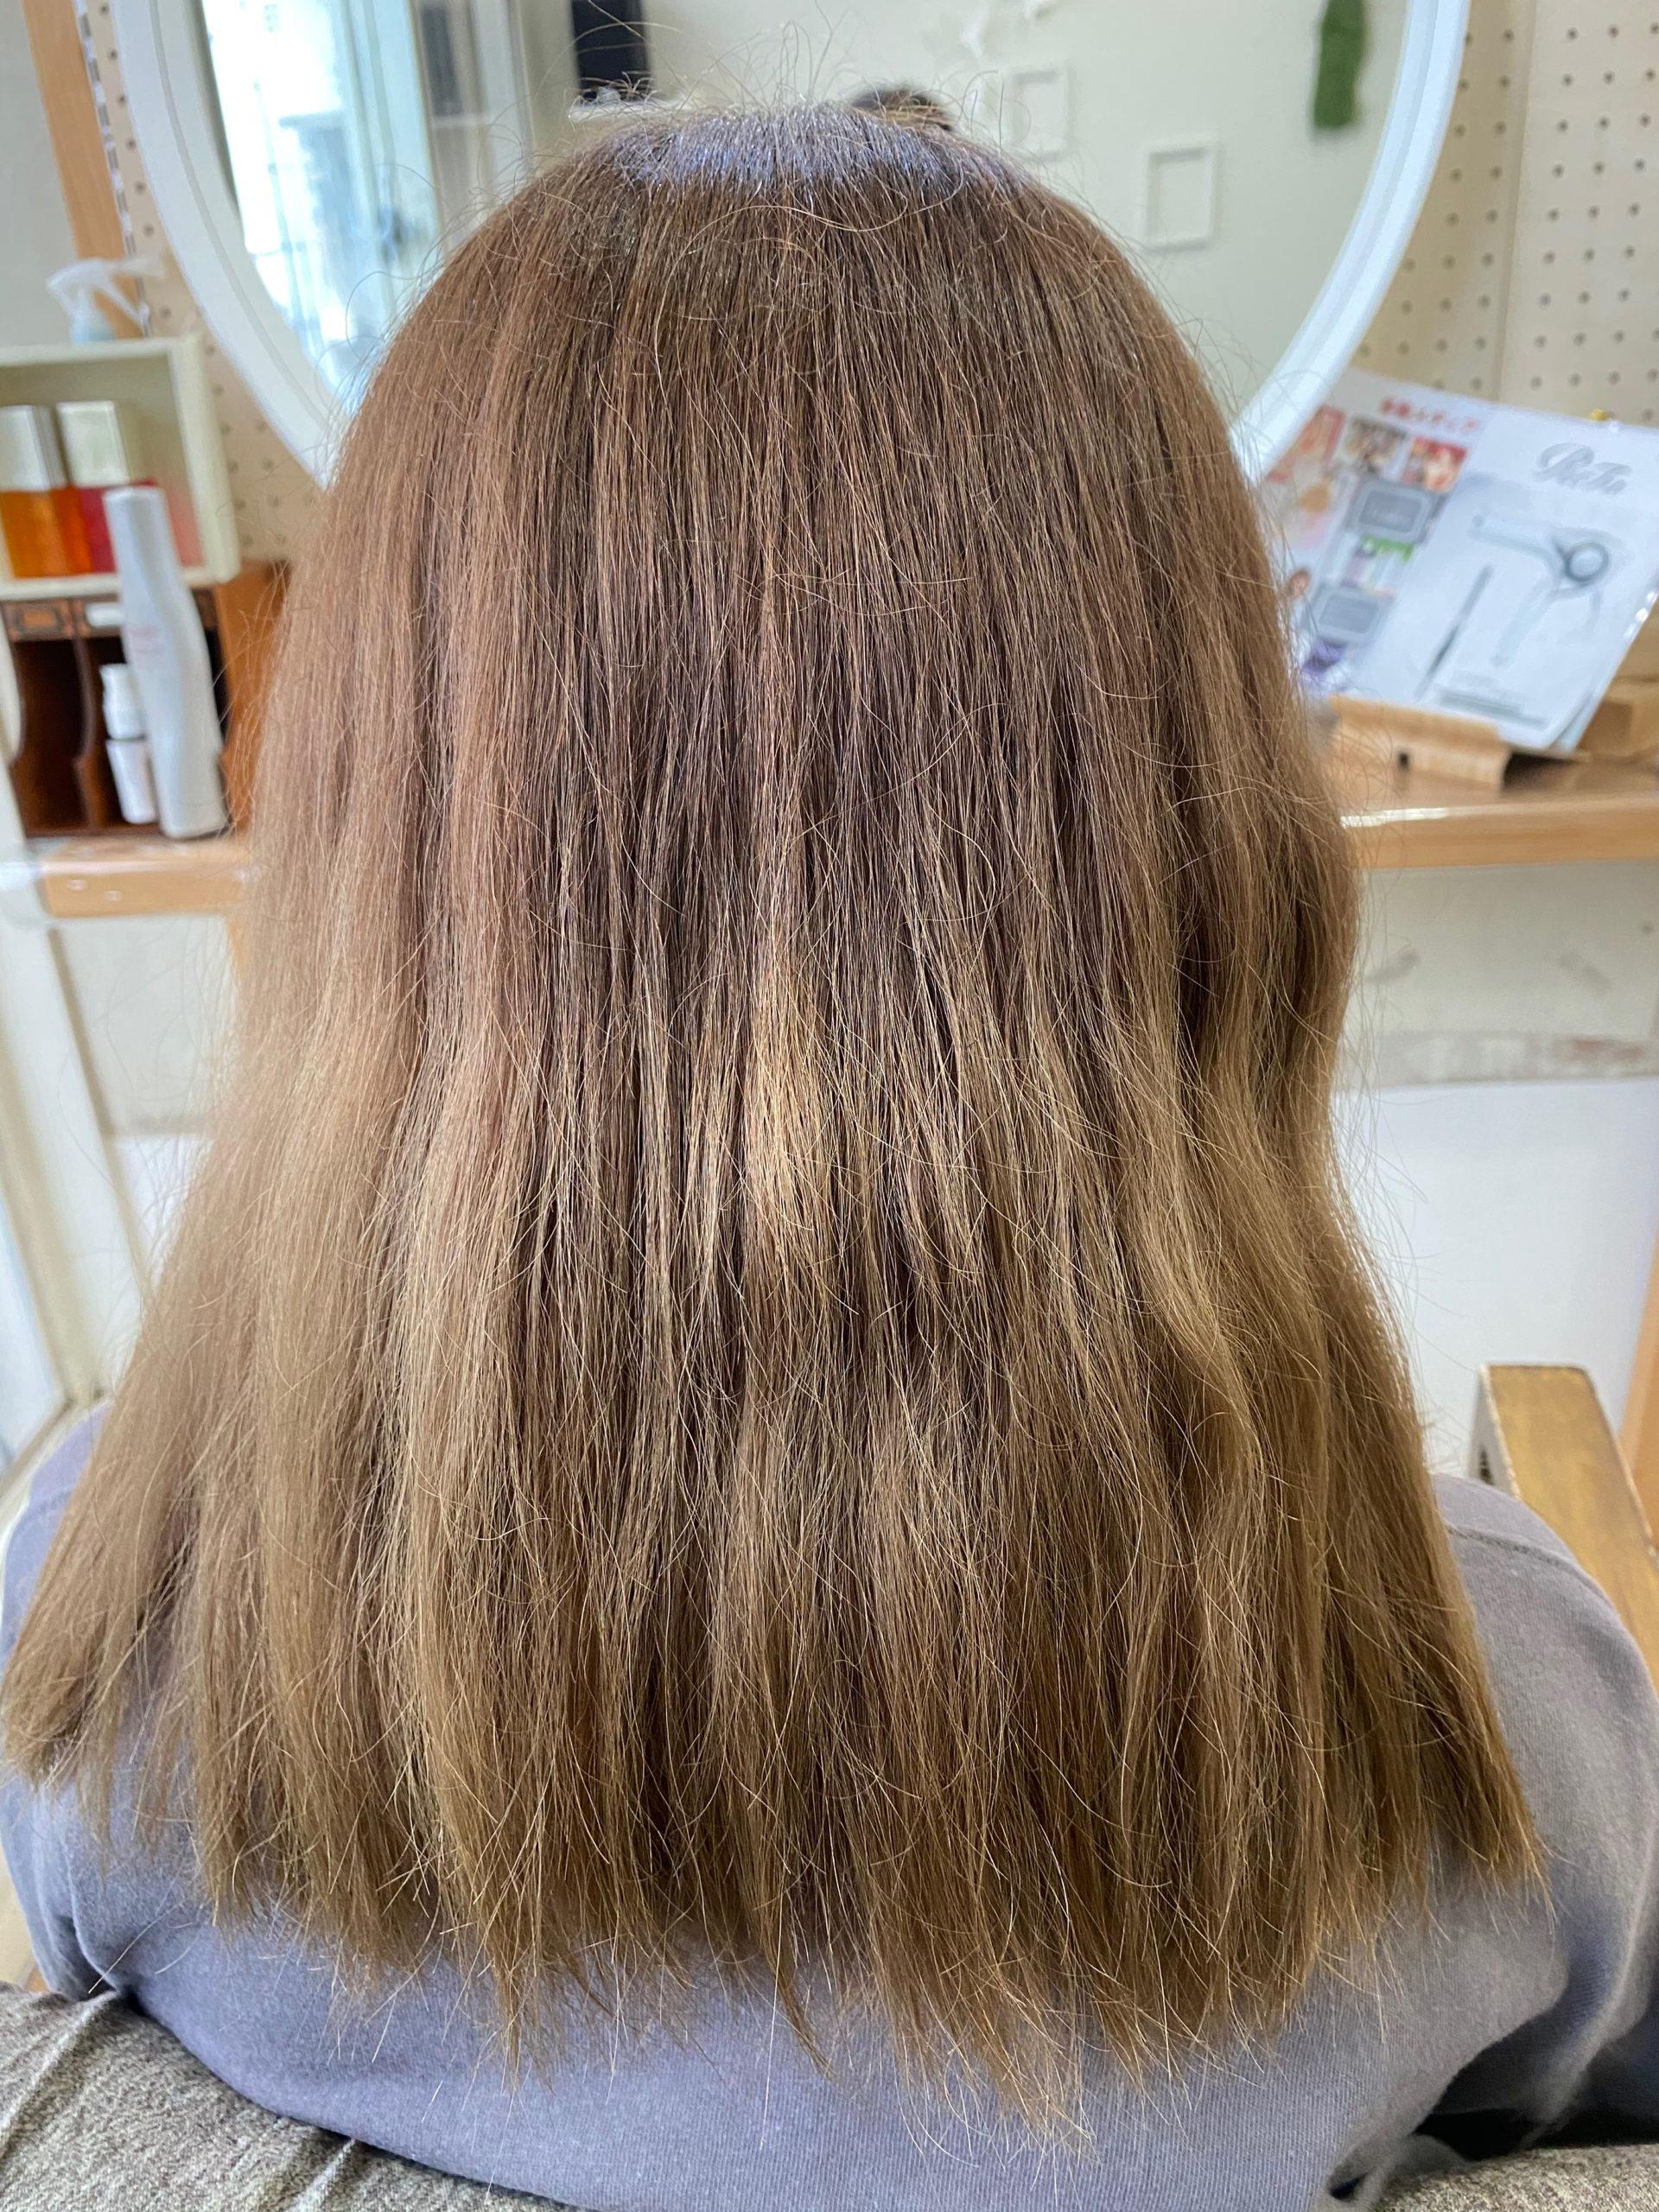 ブリーチ毛の方をジュエリーシステムシリーズ×縮毛矯正でつやっつやの艶髪ストレートヘア 原宿・表参道『髪のお悩みを解決するヘアケア美容師の挑戦』